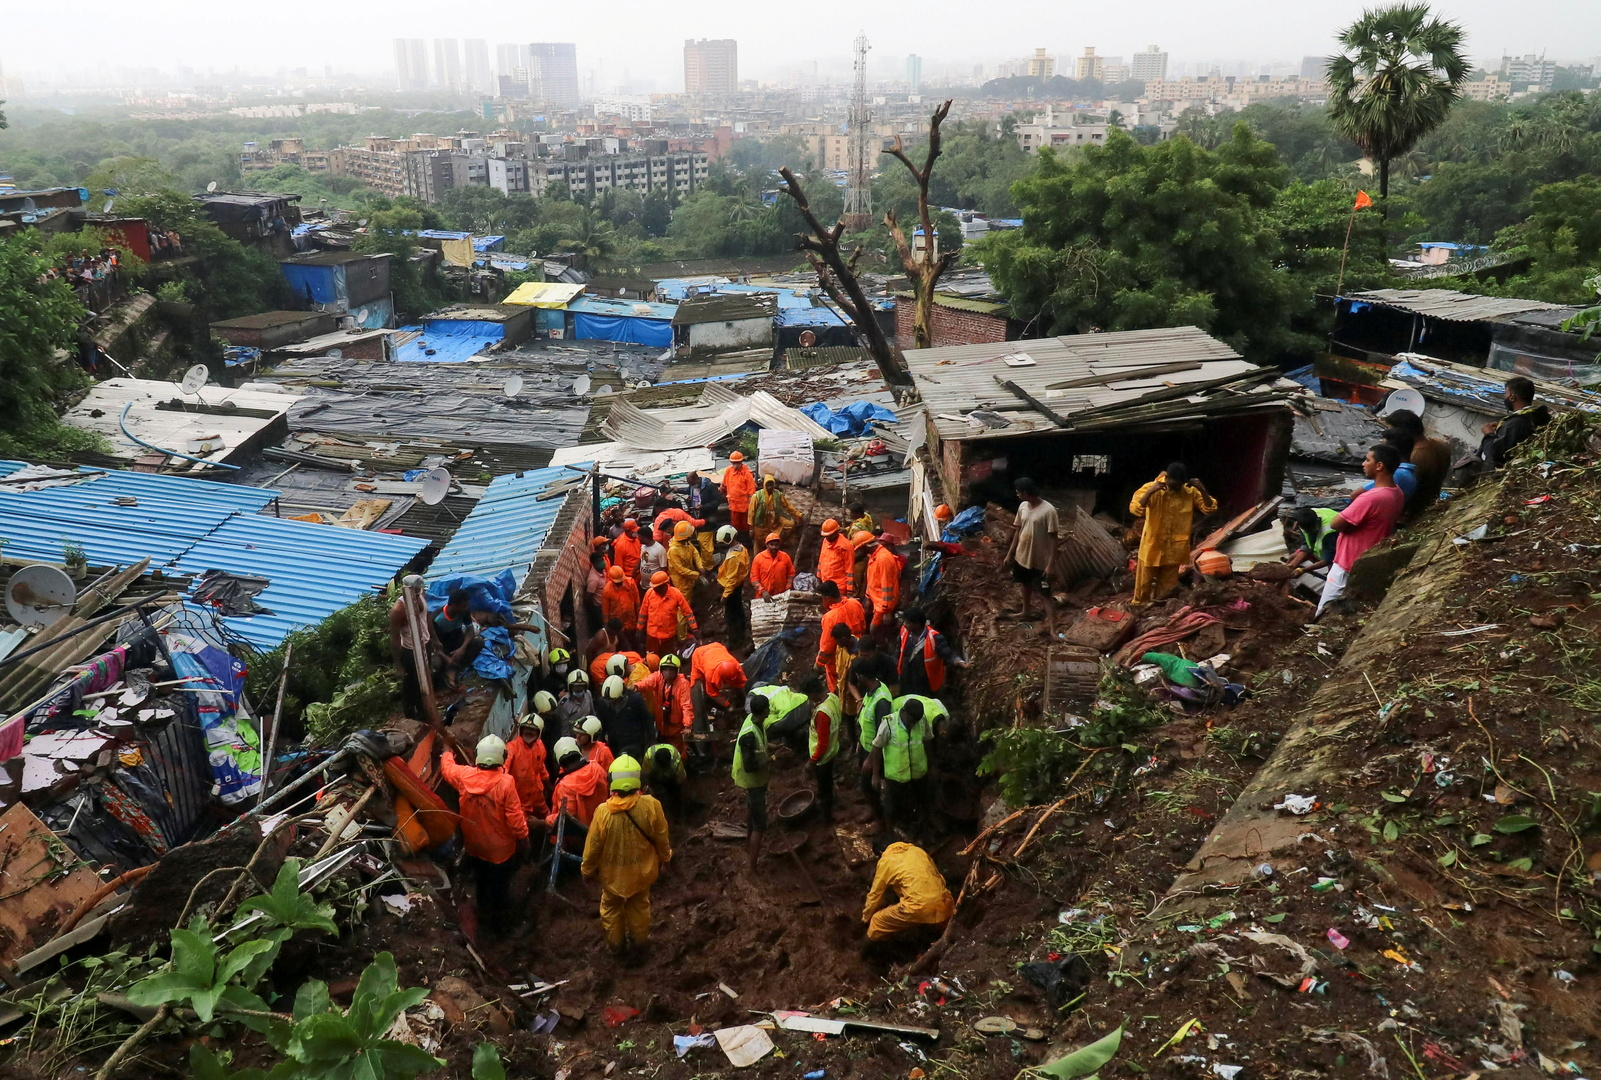 وسائل إعلام: حصيلة ضحايا الأمطار الغزيرة في مومباي الهندية ترتفع إلى 33 قتيلا